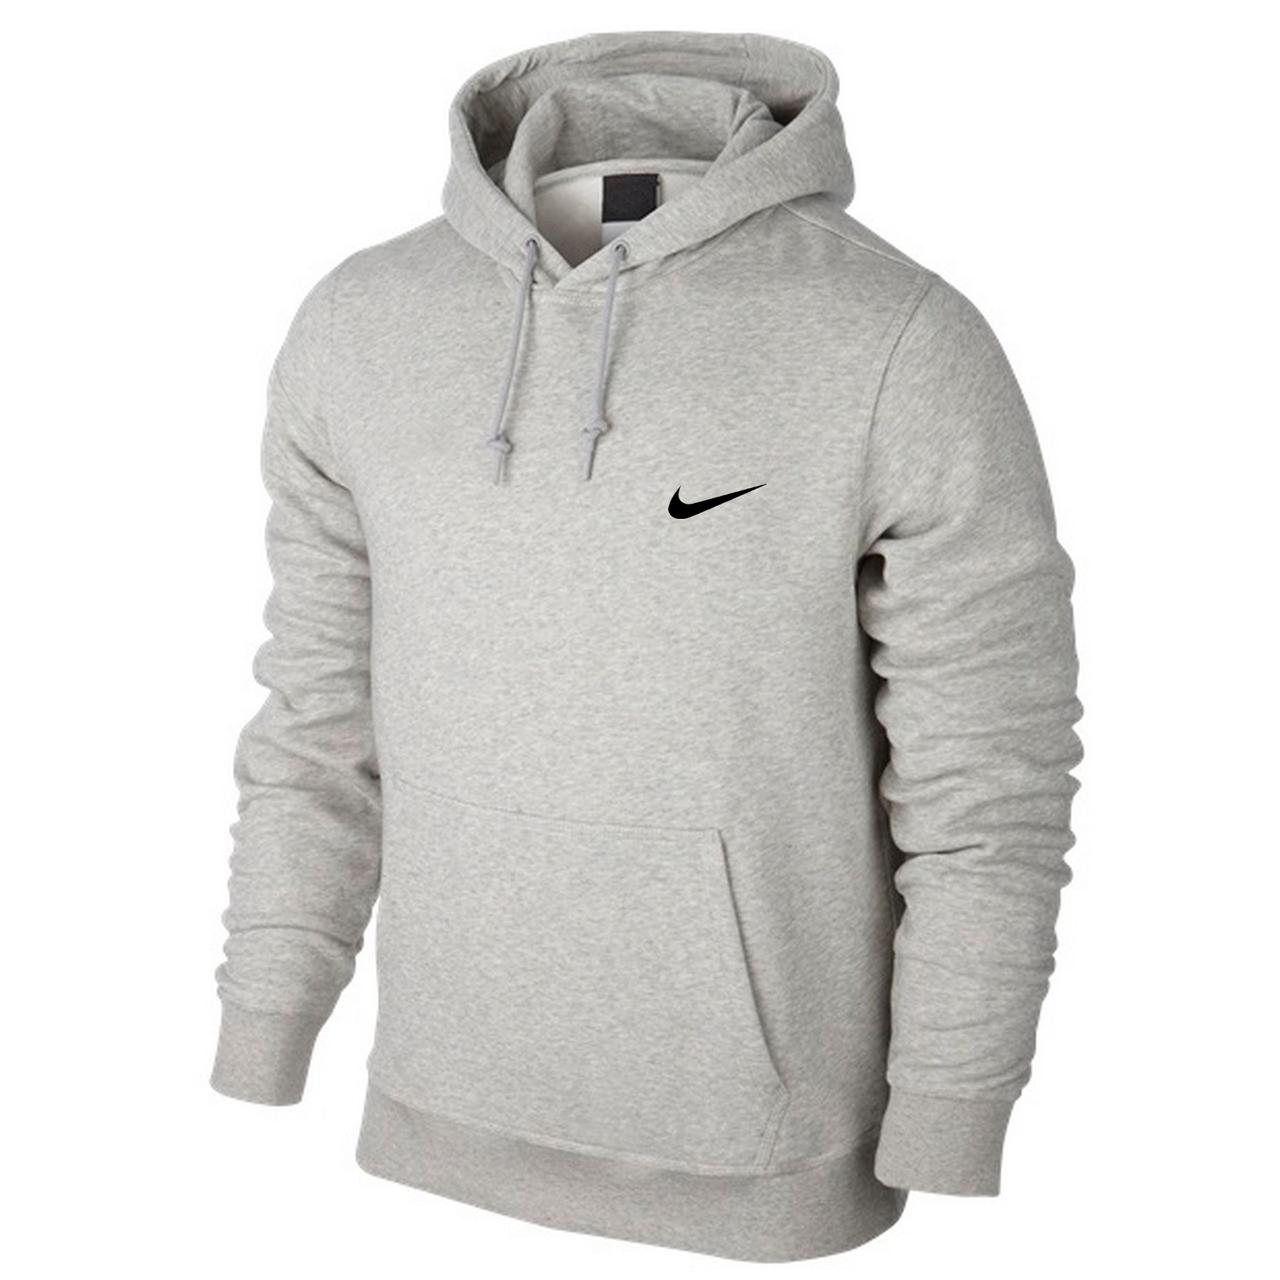 1c120382 Толстовка Мужская Кенгуру Nike, Серая — в Категории